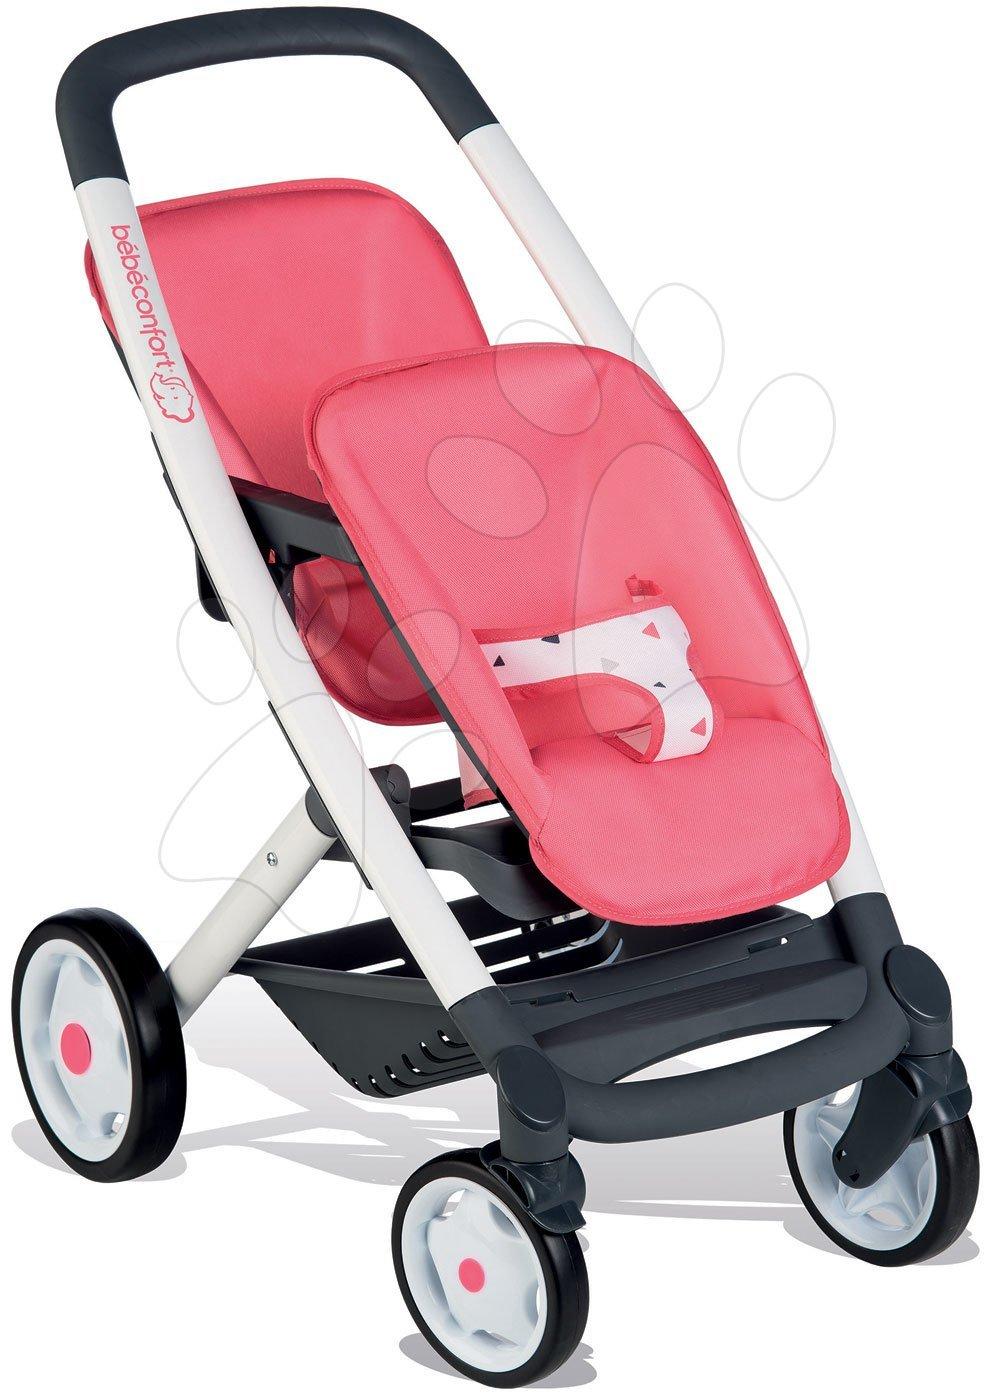 Smoby kočík pre dve bábiky Trio Pastel Maxi Cosi & Quinny 253298 ružový